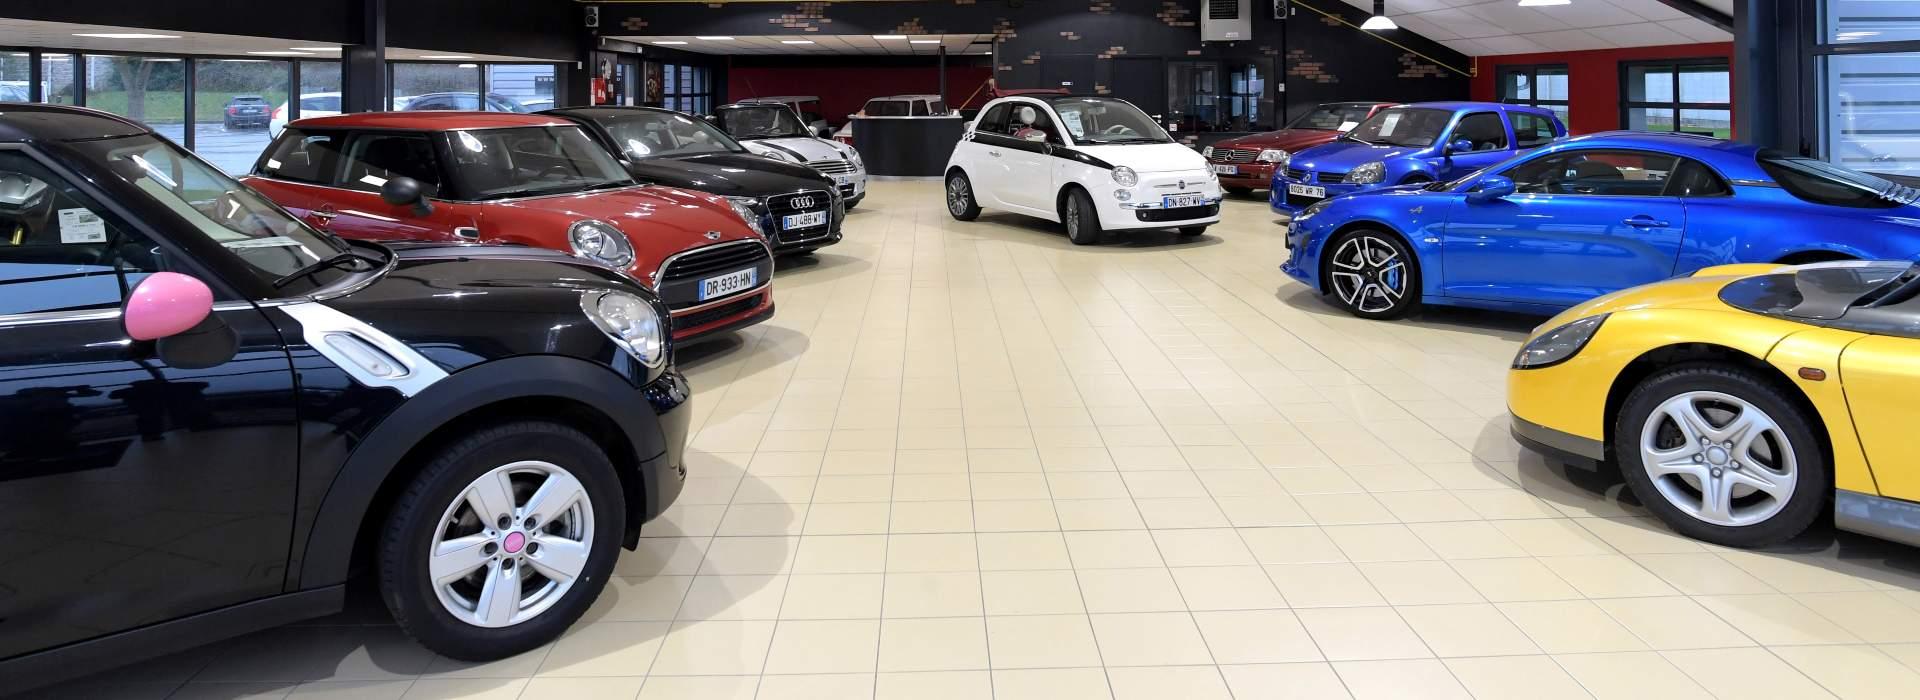 Vente auto, entretien, réparation et carrosserie toutes marques à Saint-Malo